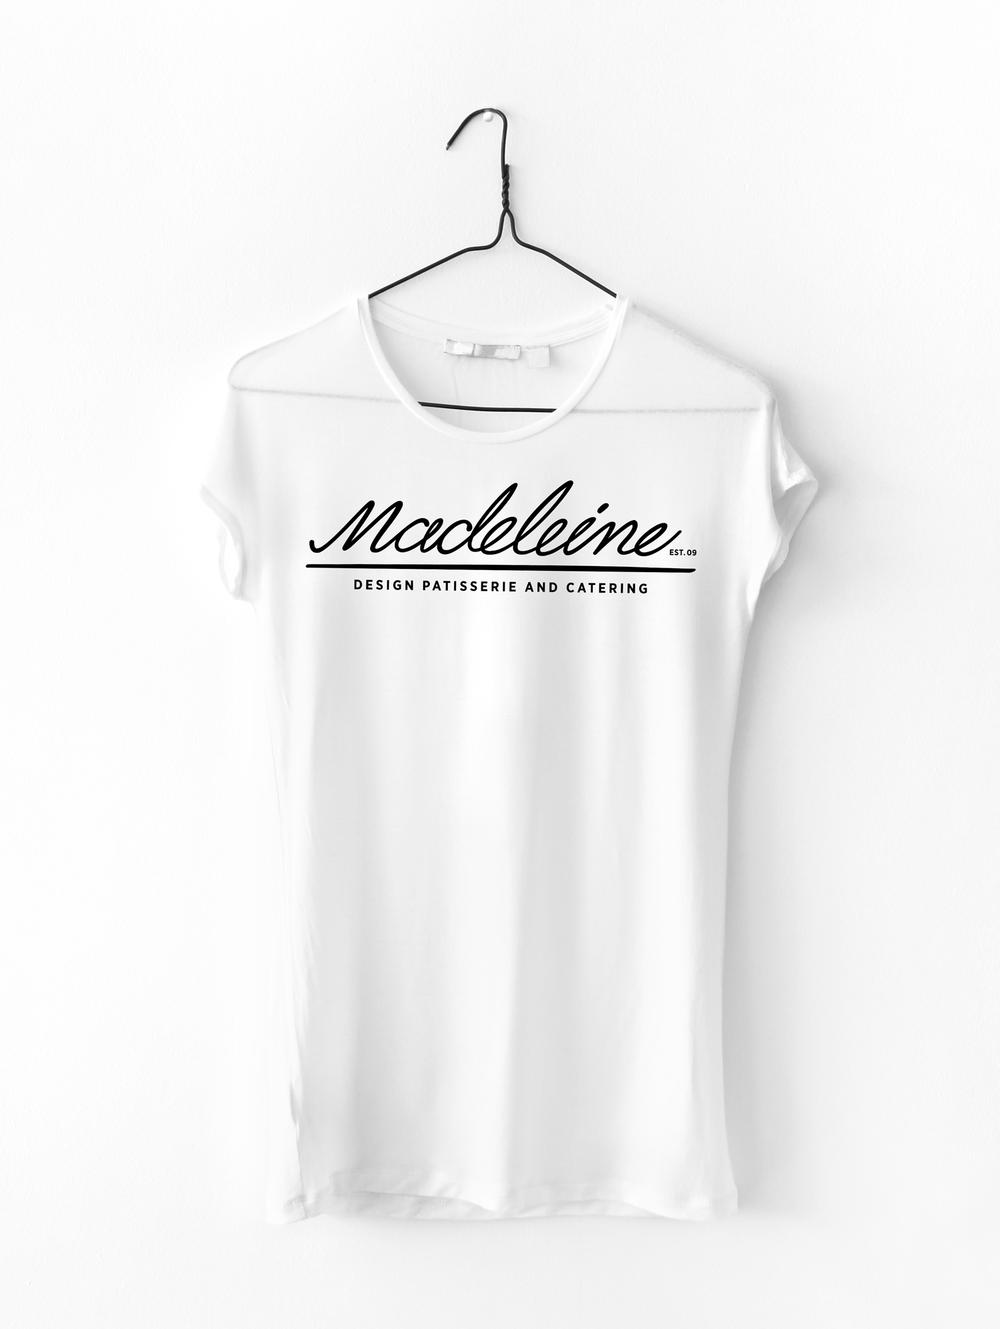 Madeleine-Brand-Eleven.png